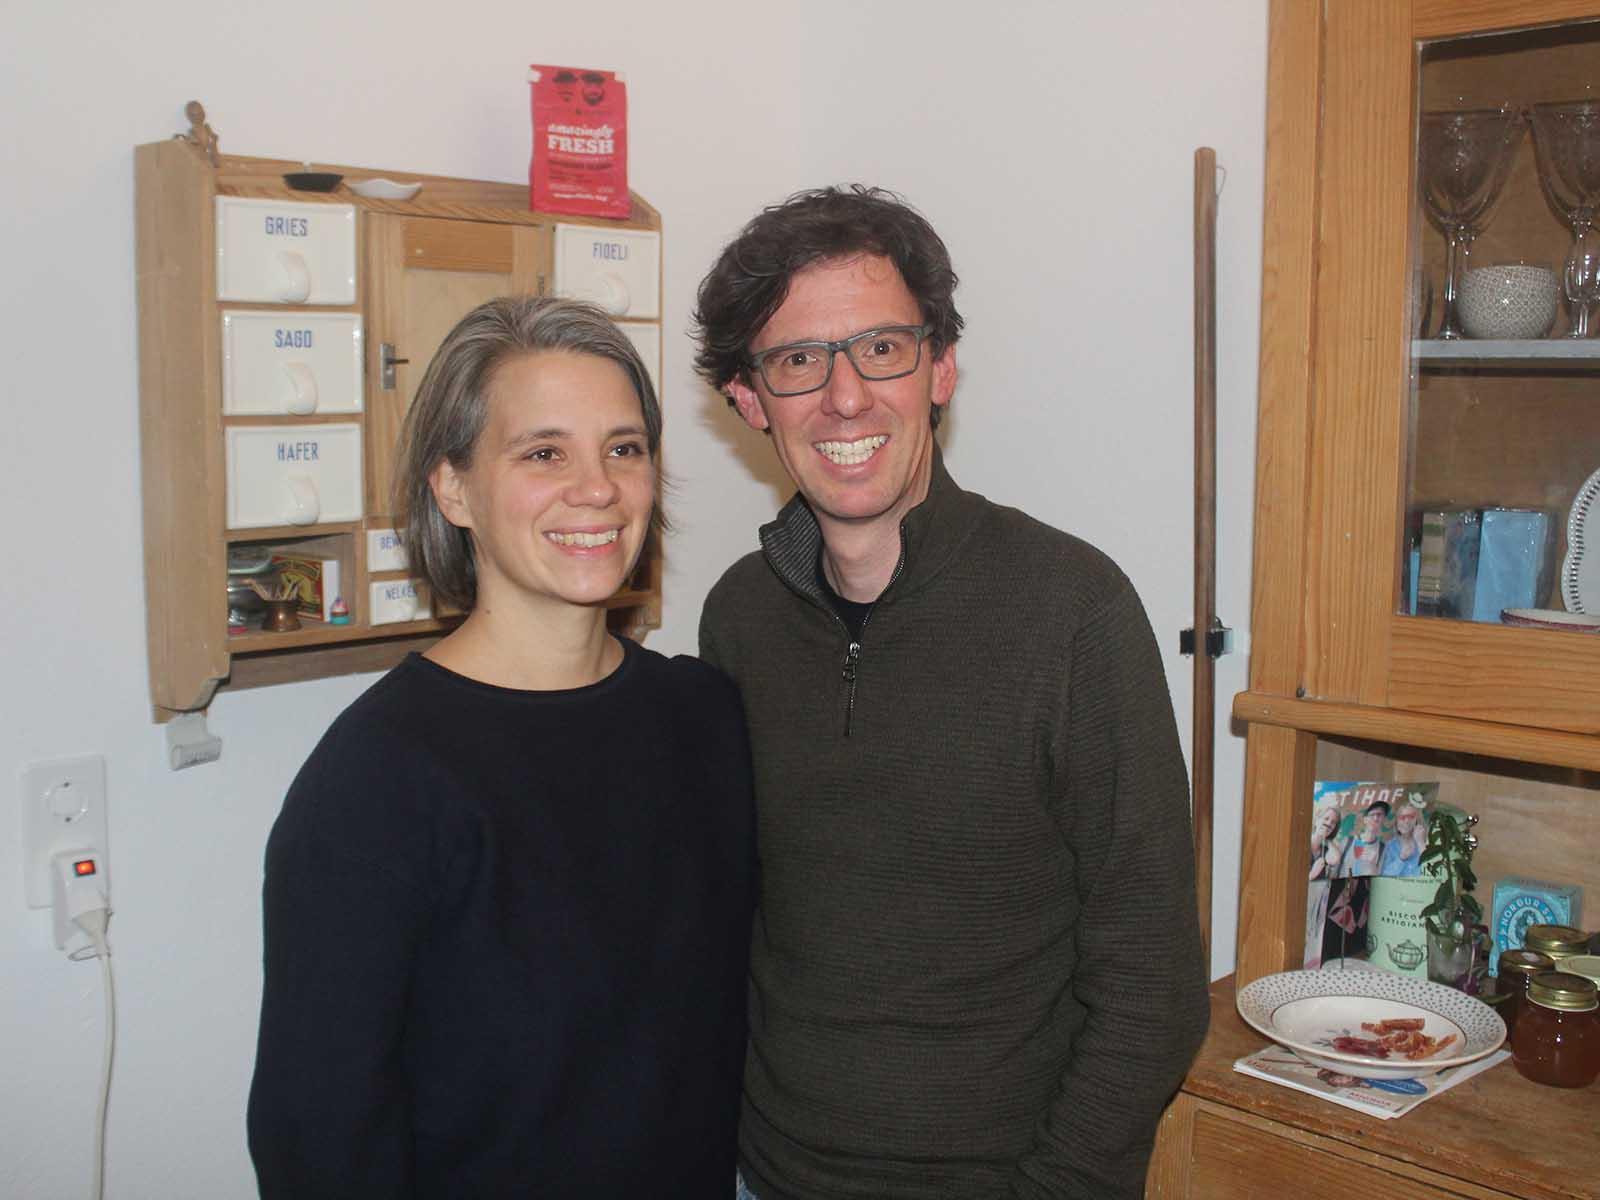 Ursina und Roman Zanelli Schweizer nehmen sich Zeit, um sich für ihre Nachbarschaft zu engagieren.